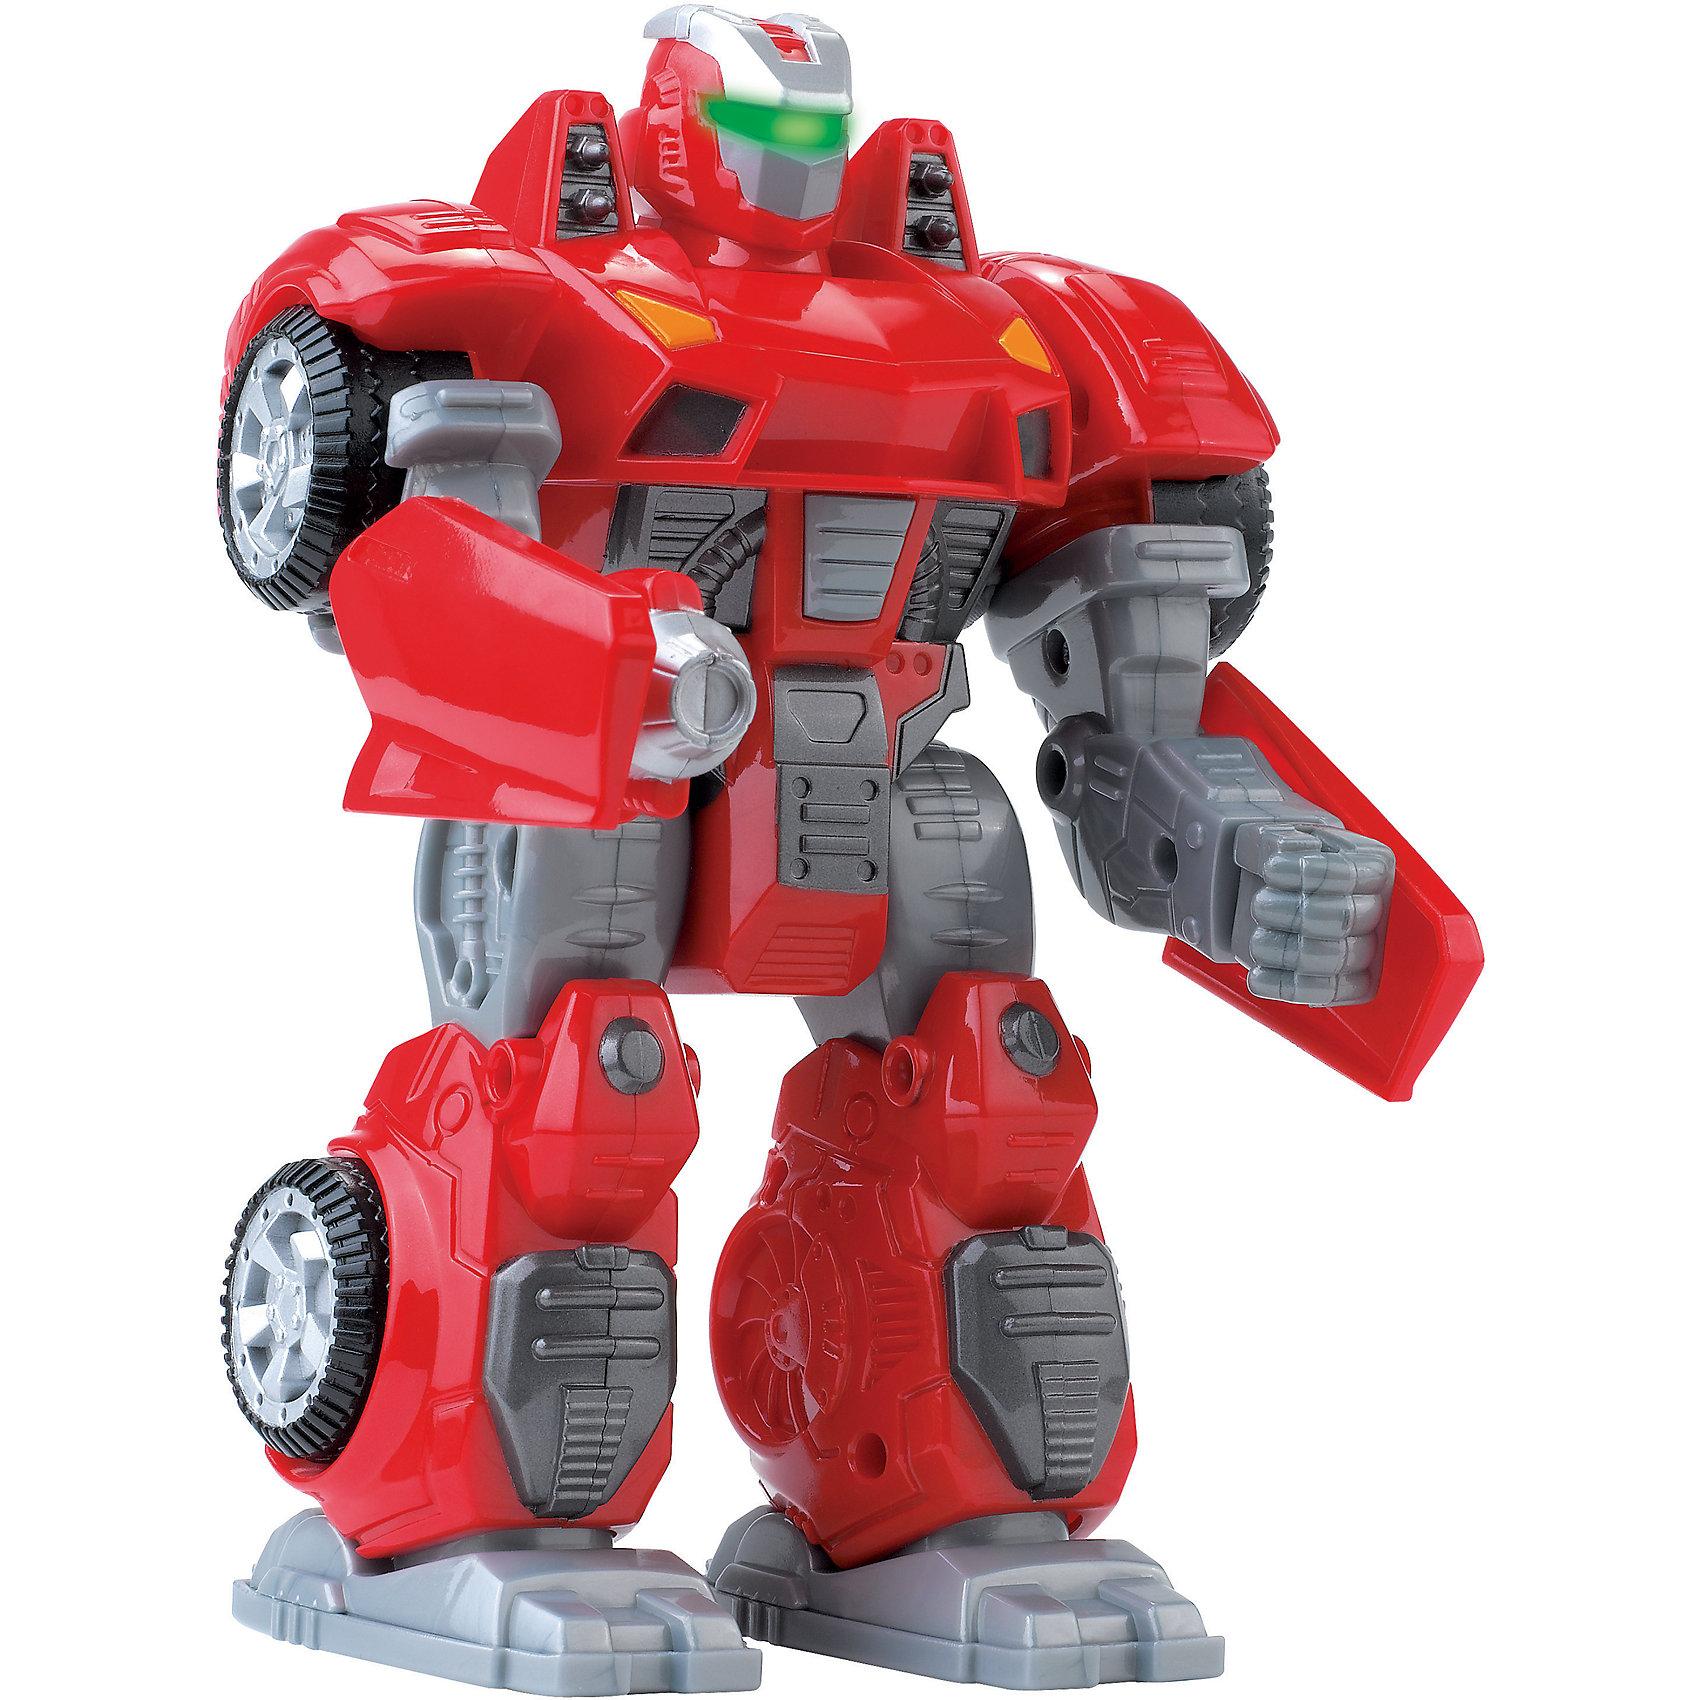 HAP-P-KID Робот трансформер красный, HAP-P-KID hap p kid робот воин красный 3568t